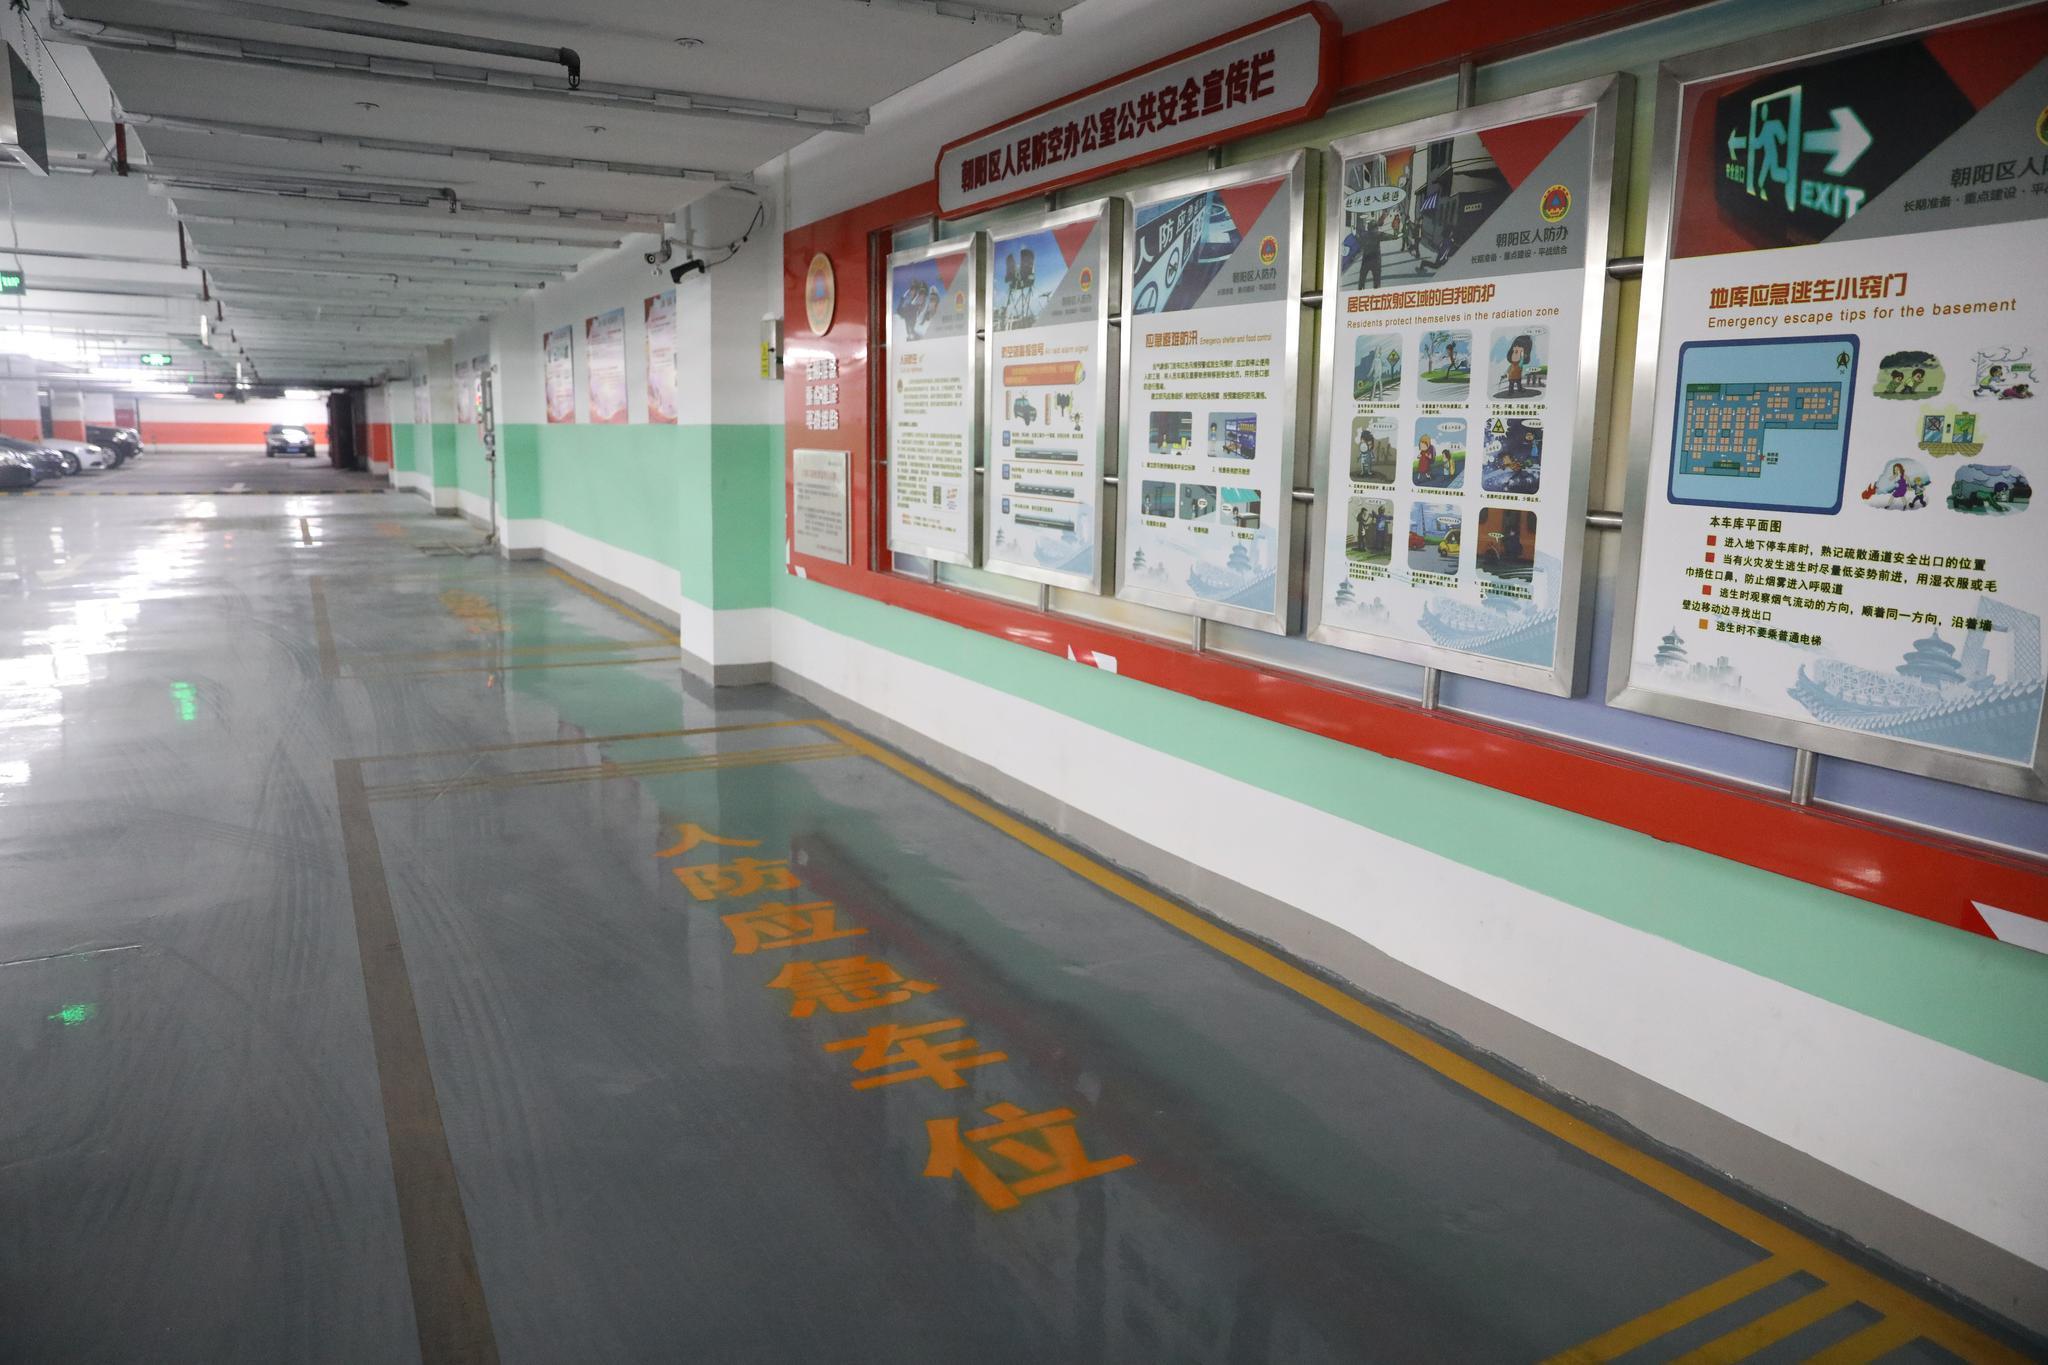 圣馨故里社区,地下车库设有人防应急停车位。新京报记者 王飞 摄